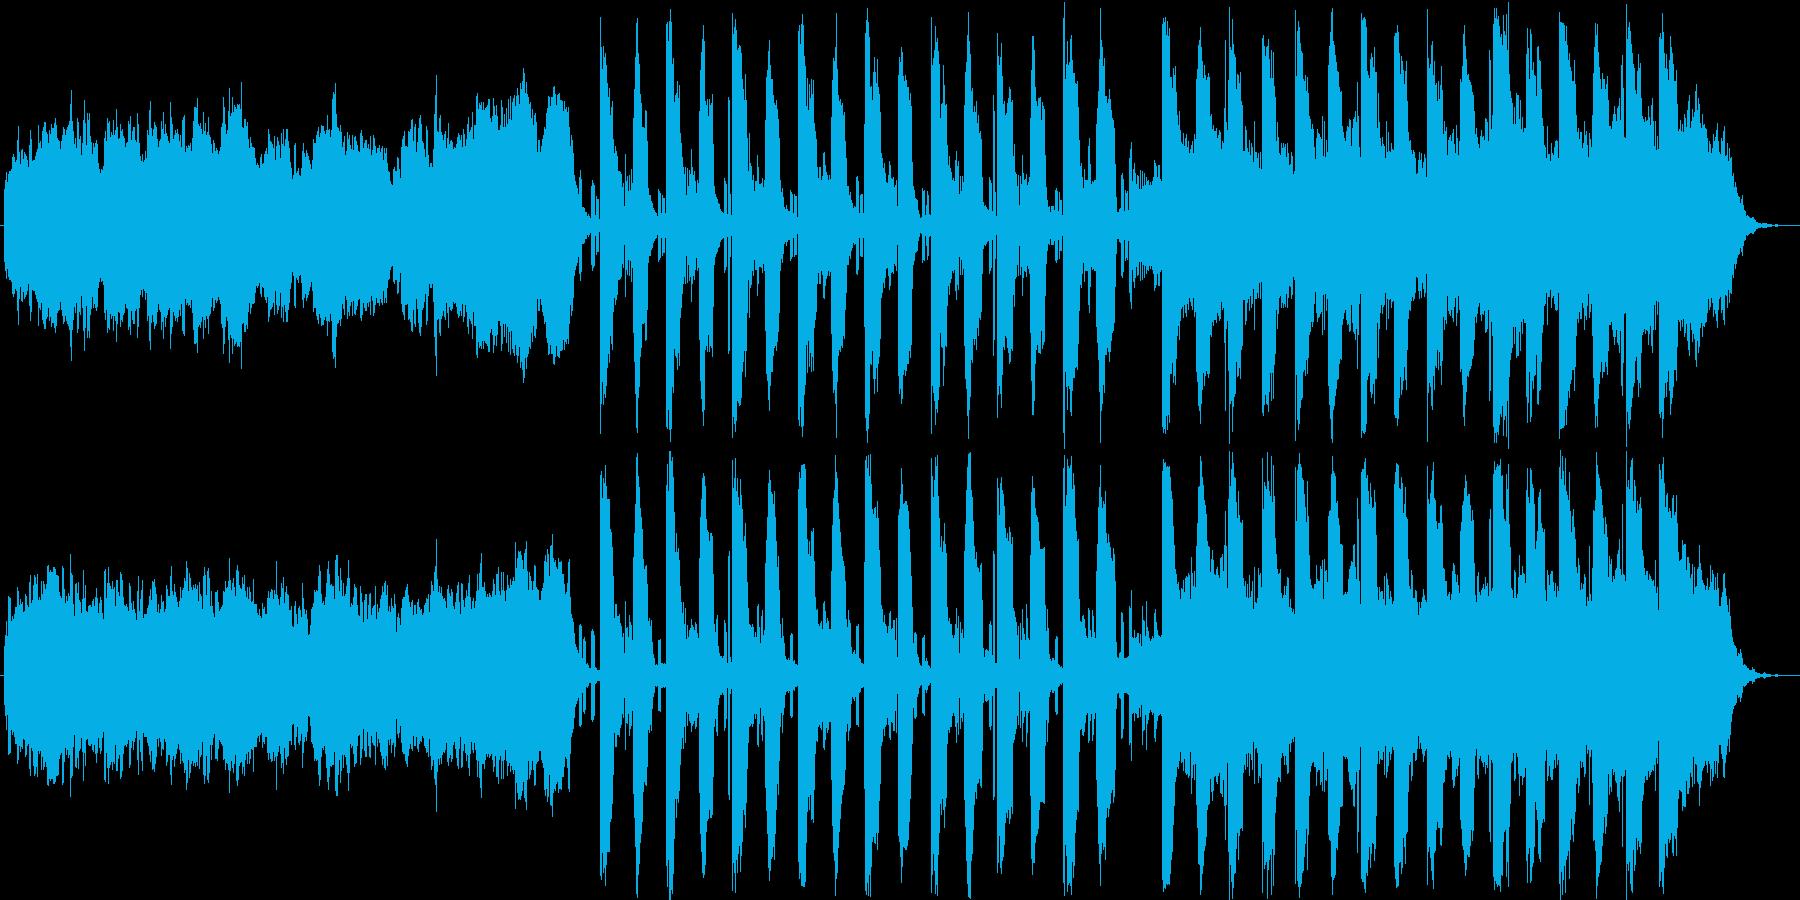 ダークな音色でコードメインの楽曲の再生済みの波形